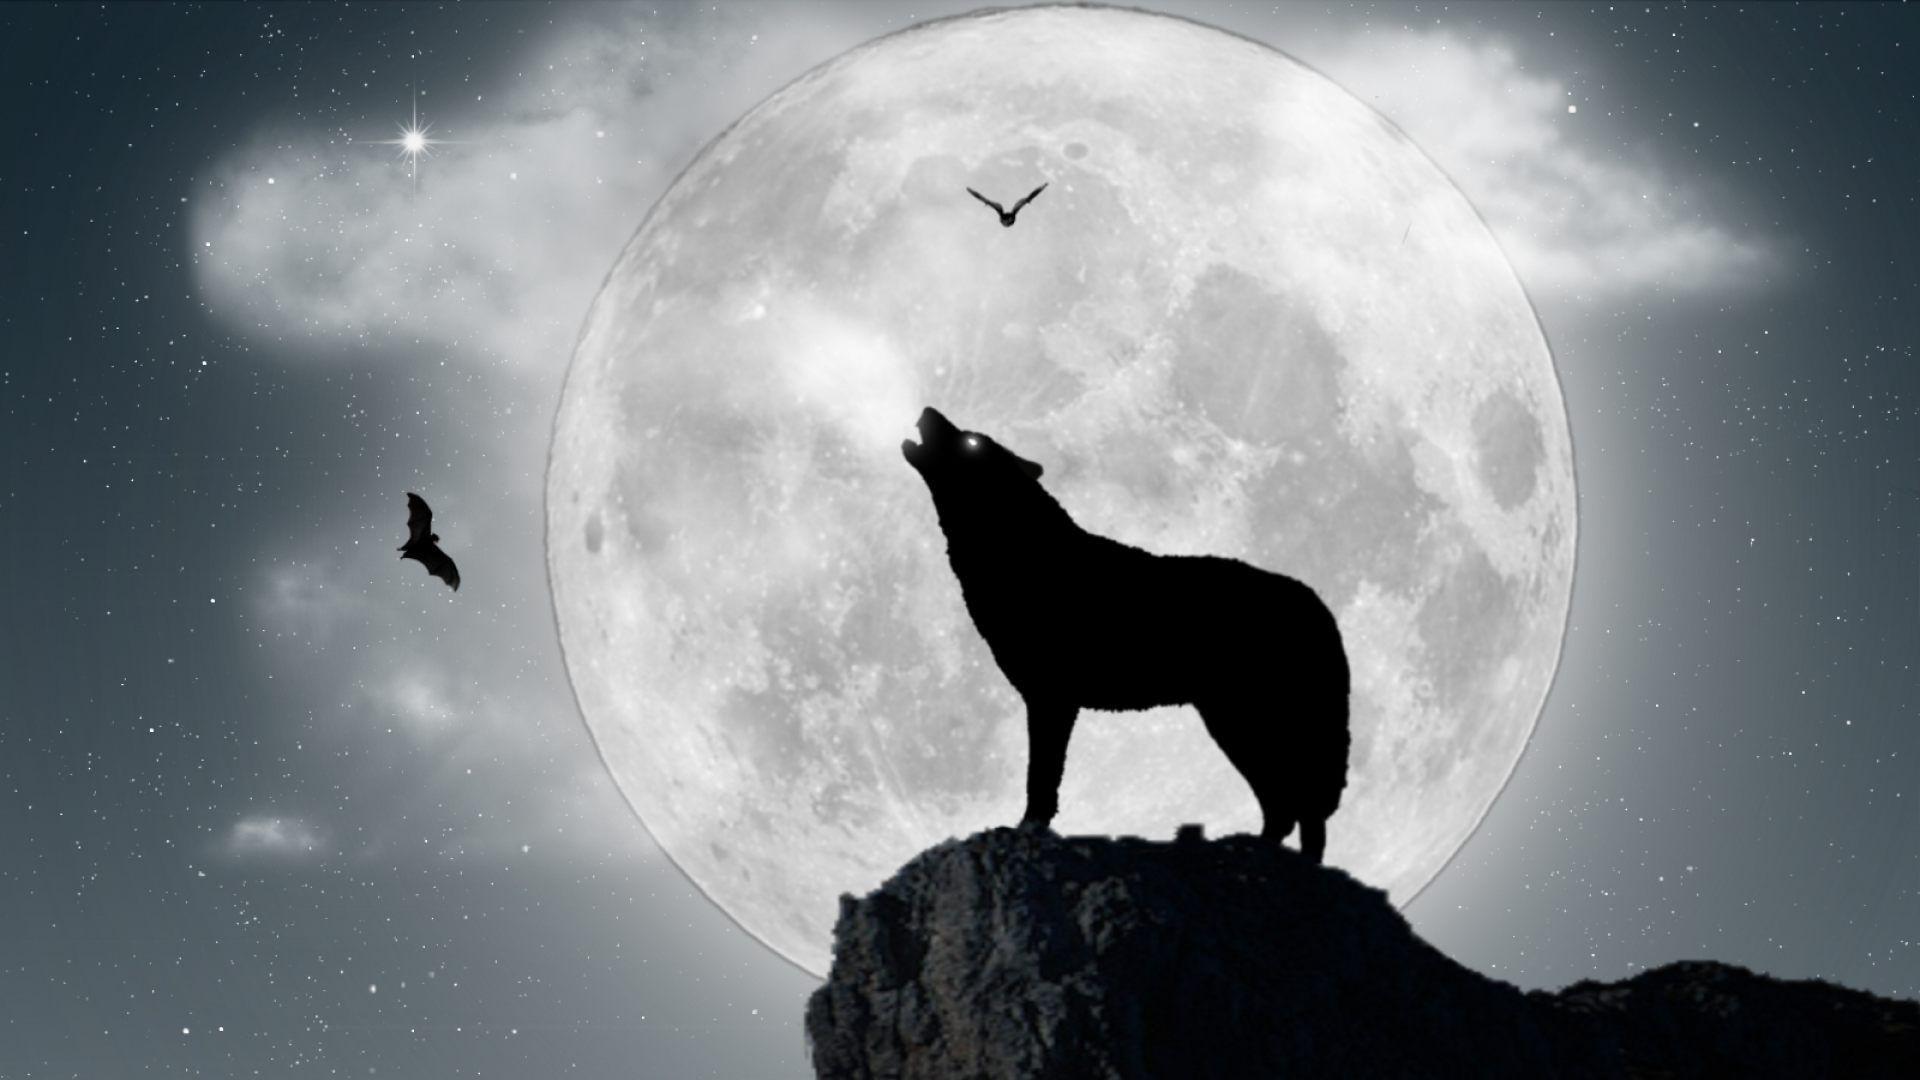 защите картинки волчица под луной форму оттенок лепестков